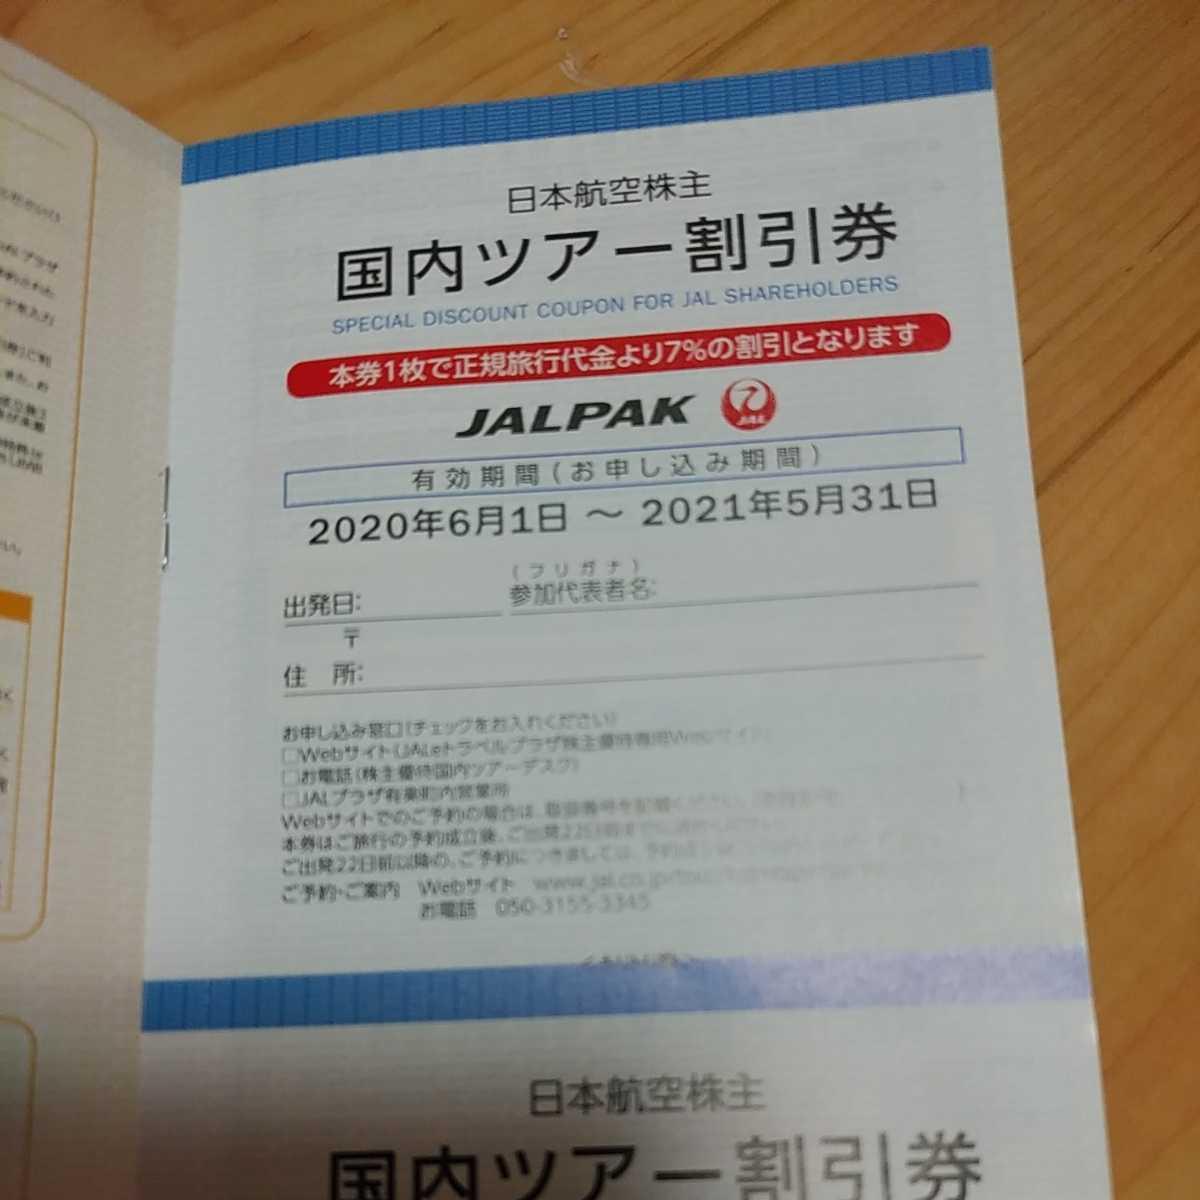 JAL・7%割引・株主優待冊子 JALPAK(ジャルパック)海外・国内ツアー割引券 2021年5月末期限 日本航空_画像2